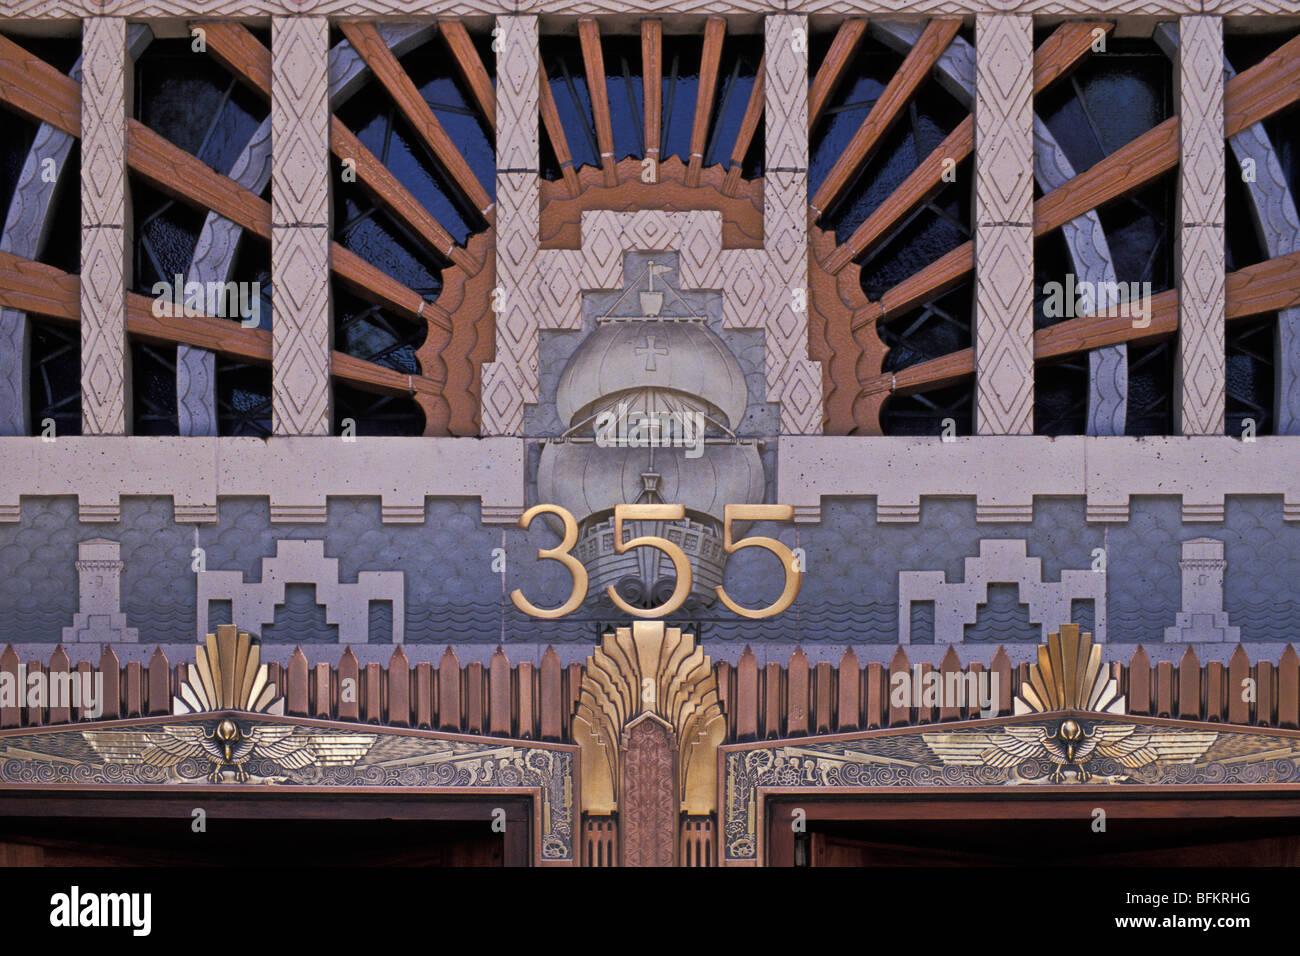 Deco Architektur deco architektur marine building um 1930 vancouver bc kanada